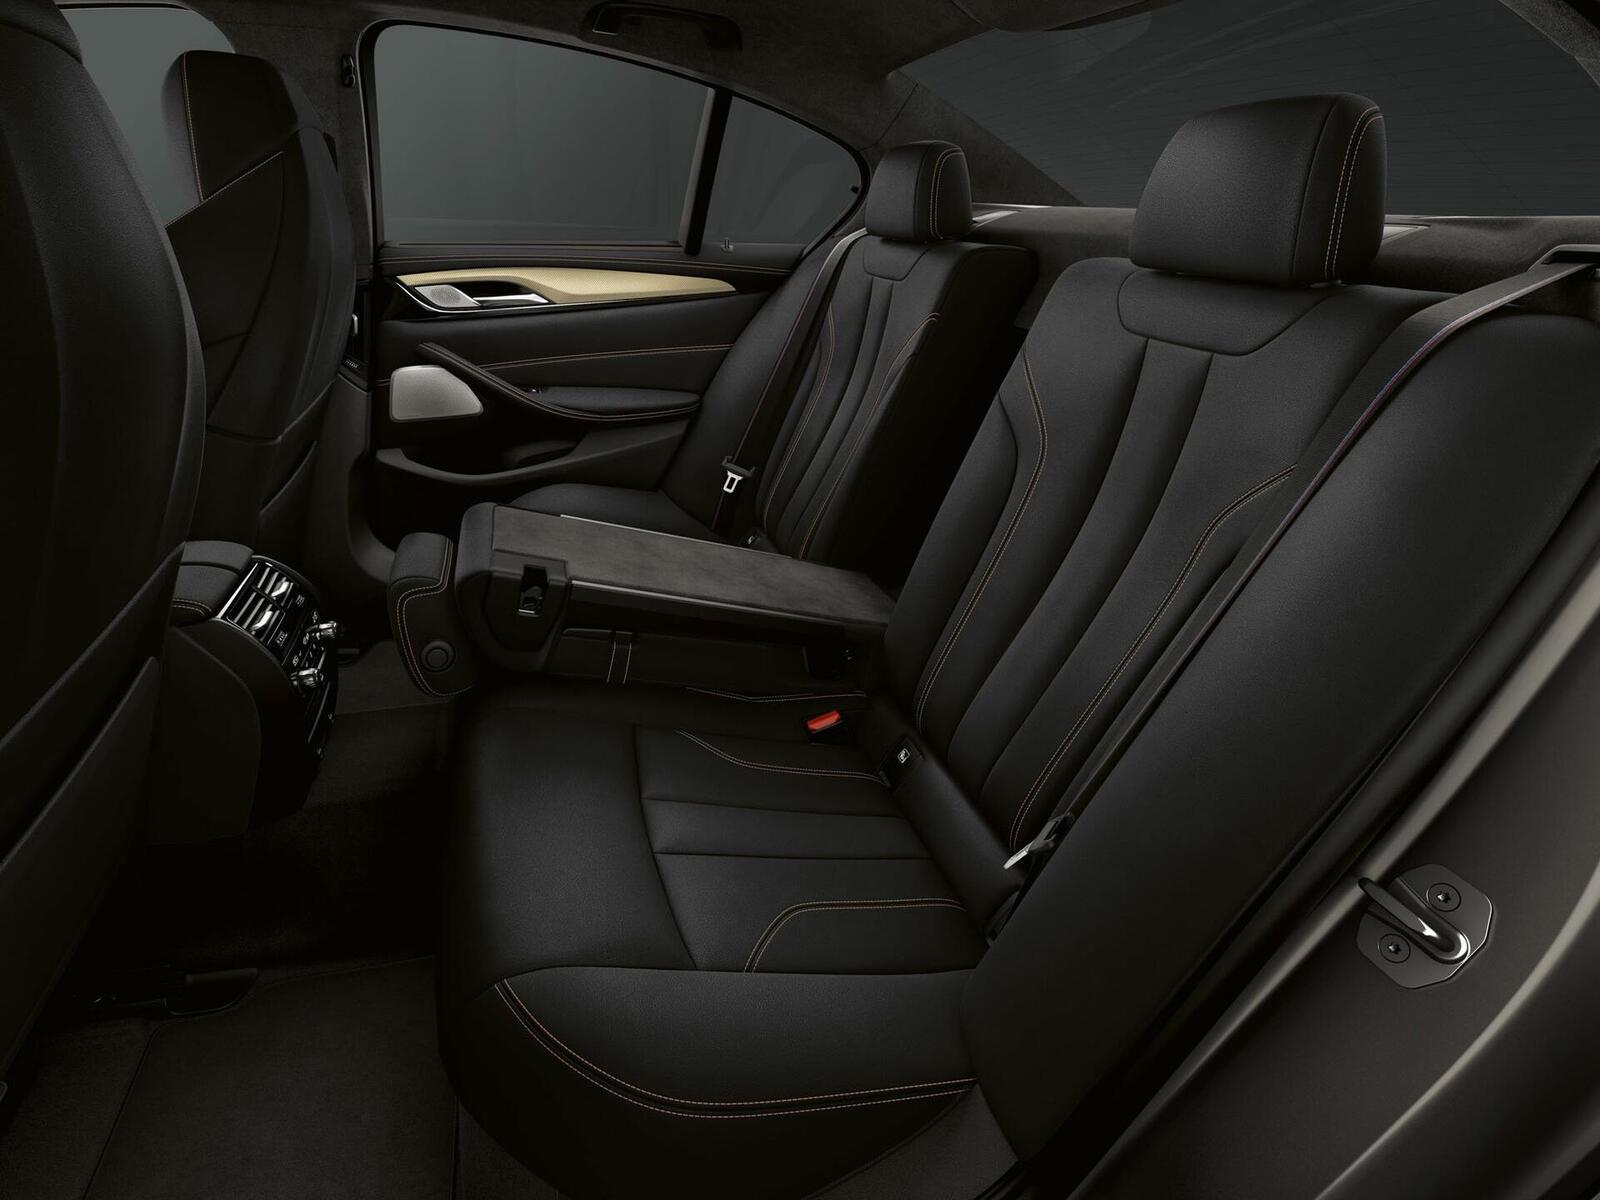 """Phiên bản đặc biệt của BMW tên M5 """"Edition 35 Jahre"""" được sản xuất giới hạn chỉ 350 chiếc - Hình 7"""